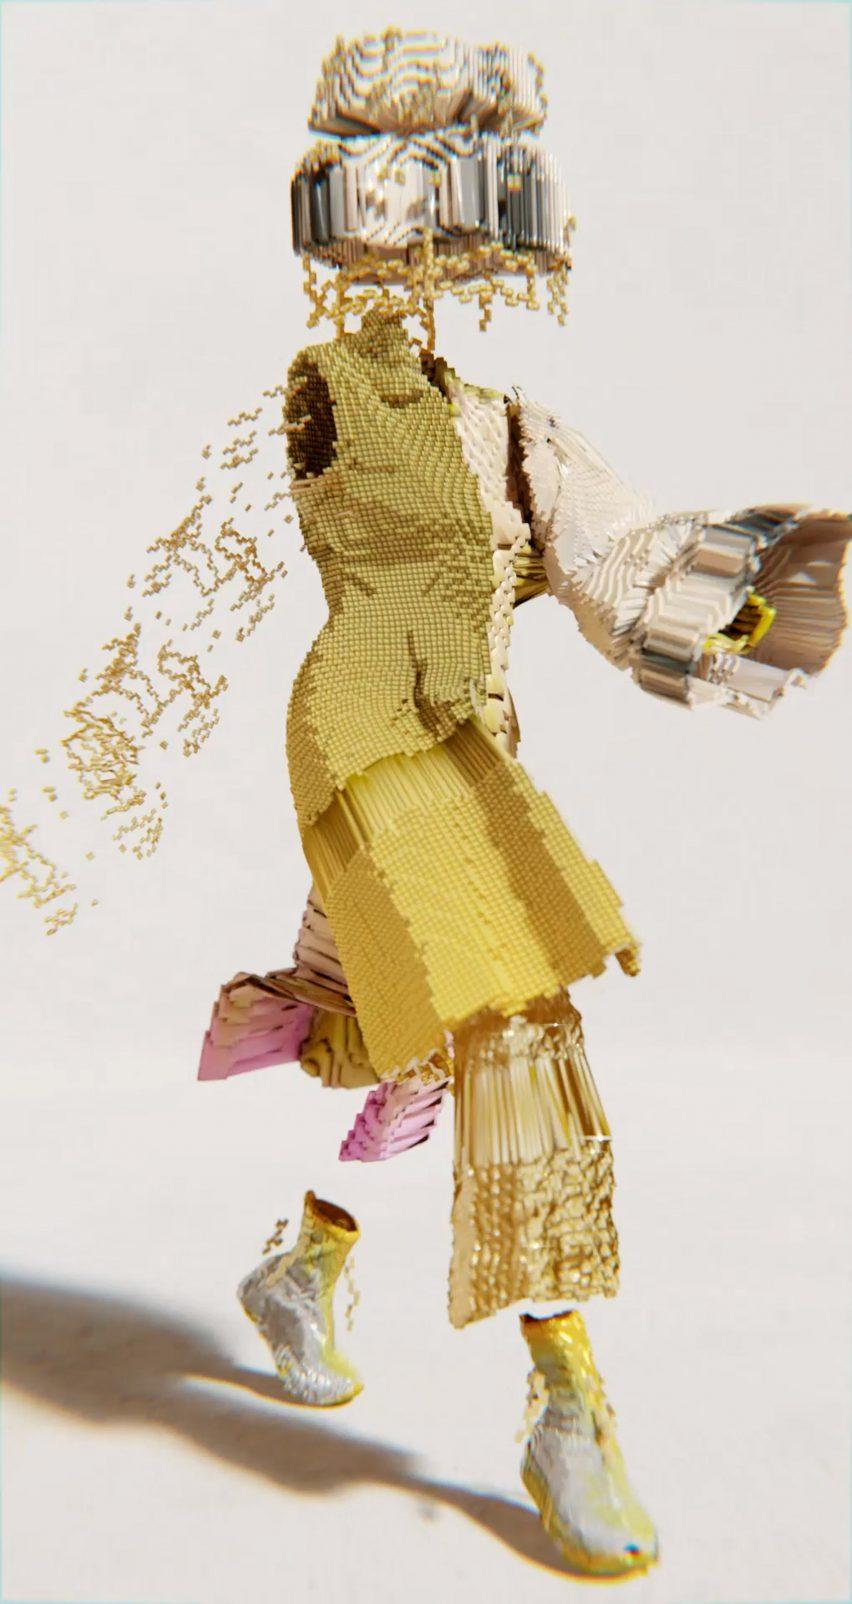 Коллекция Decrypted Garments включала золотой образ, изображенный в середине прогулки.